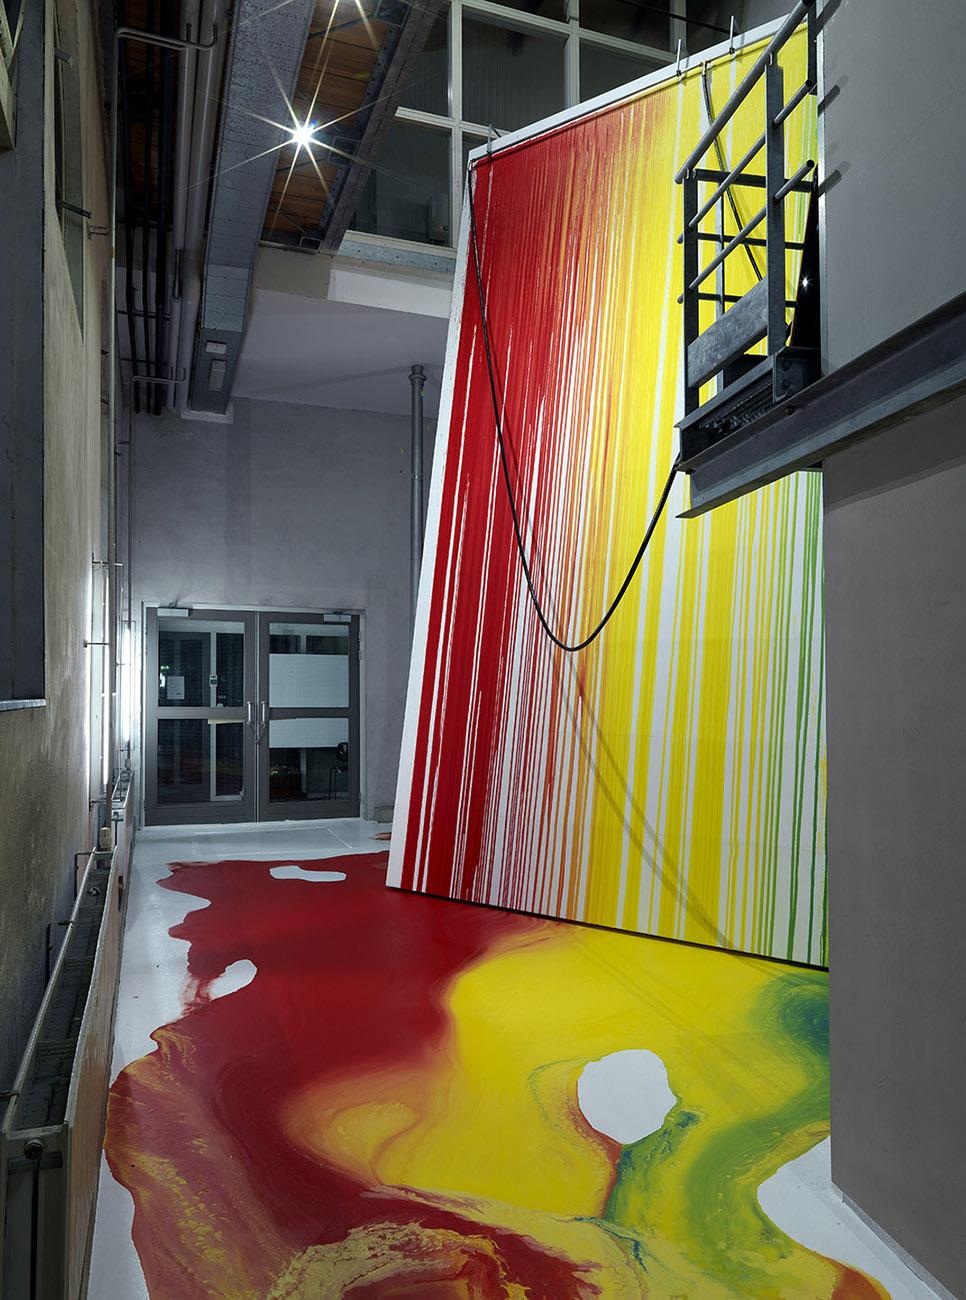 02 © Rutger de Vries, Primary Secondary, 2017, Photo by Gert Jan van Rooij